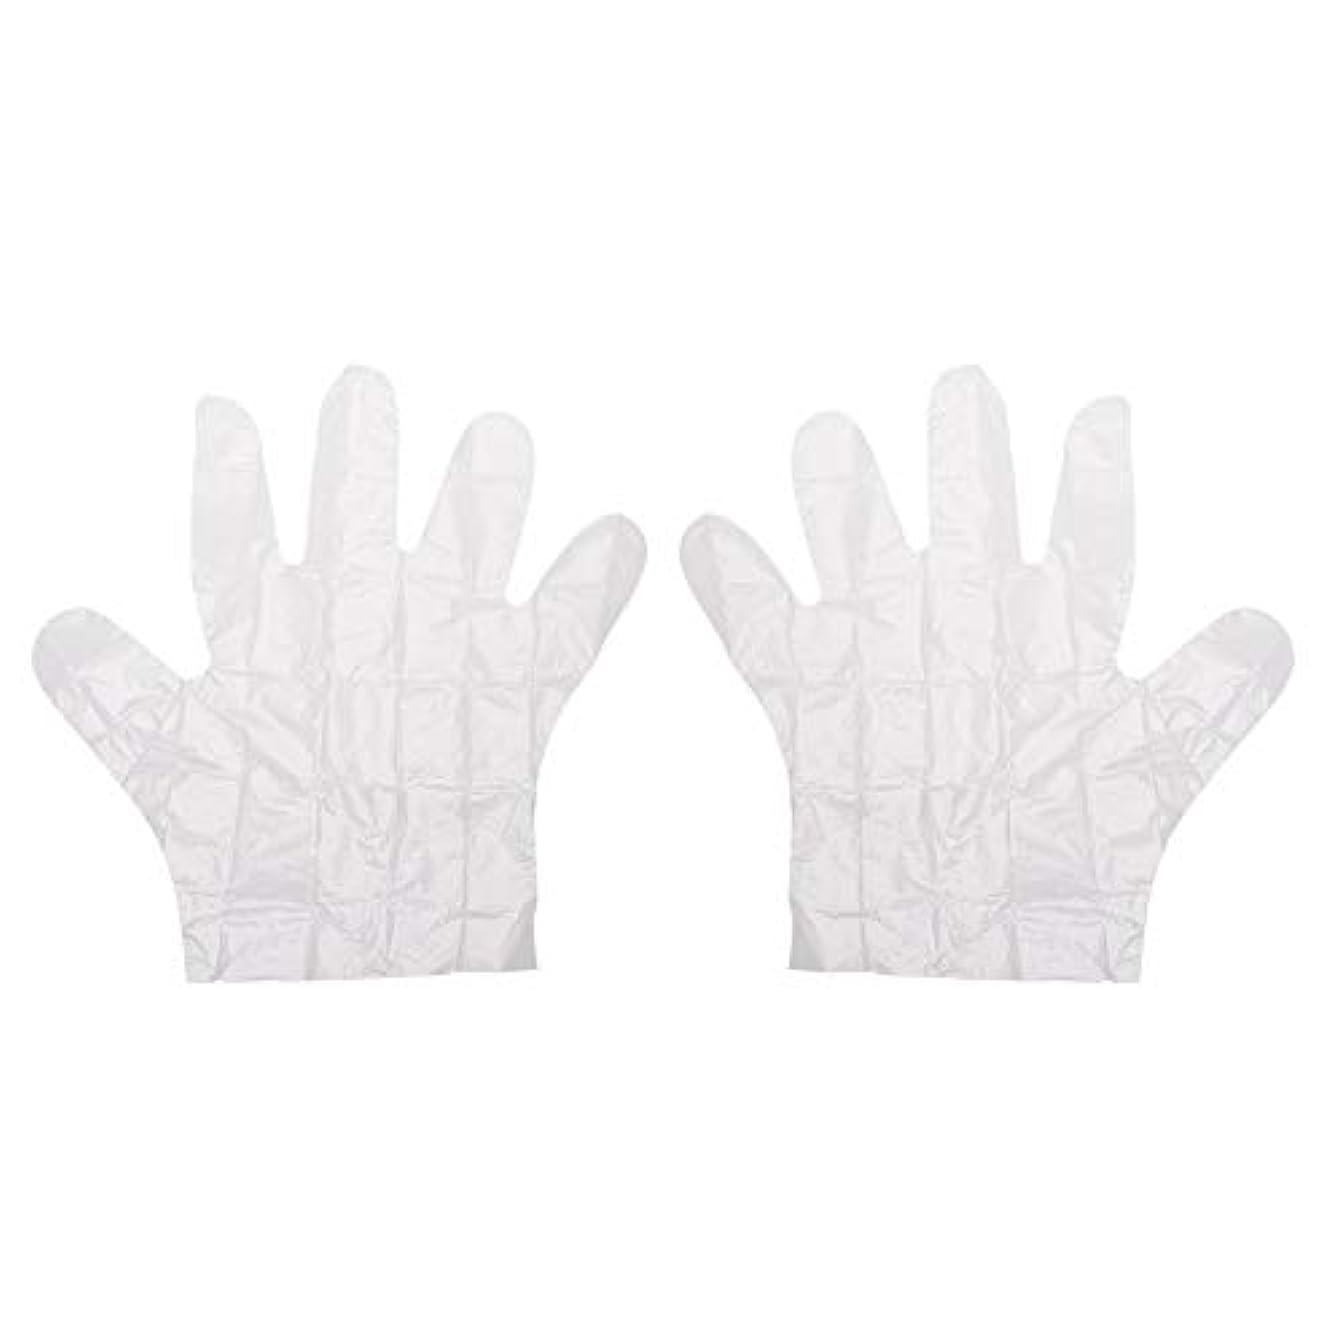 誓いボイド作成するWISTOMJP 200枚 子供用手袋使い捨て 使い捨て手袋 キッズ専用透明 手袋